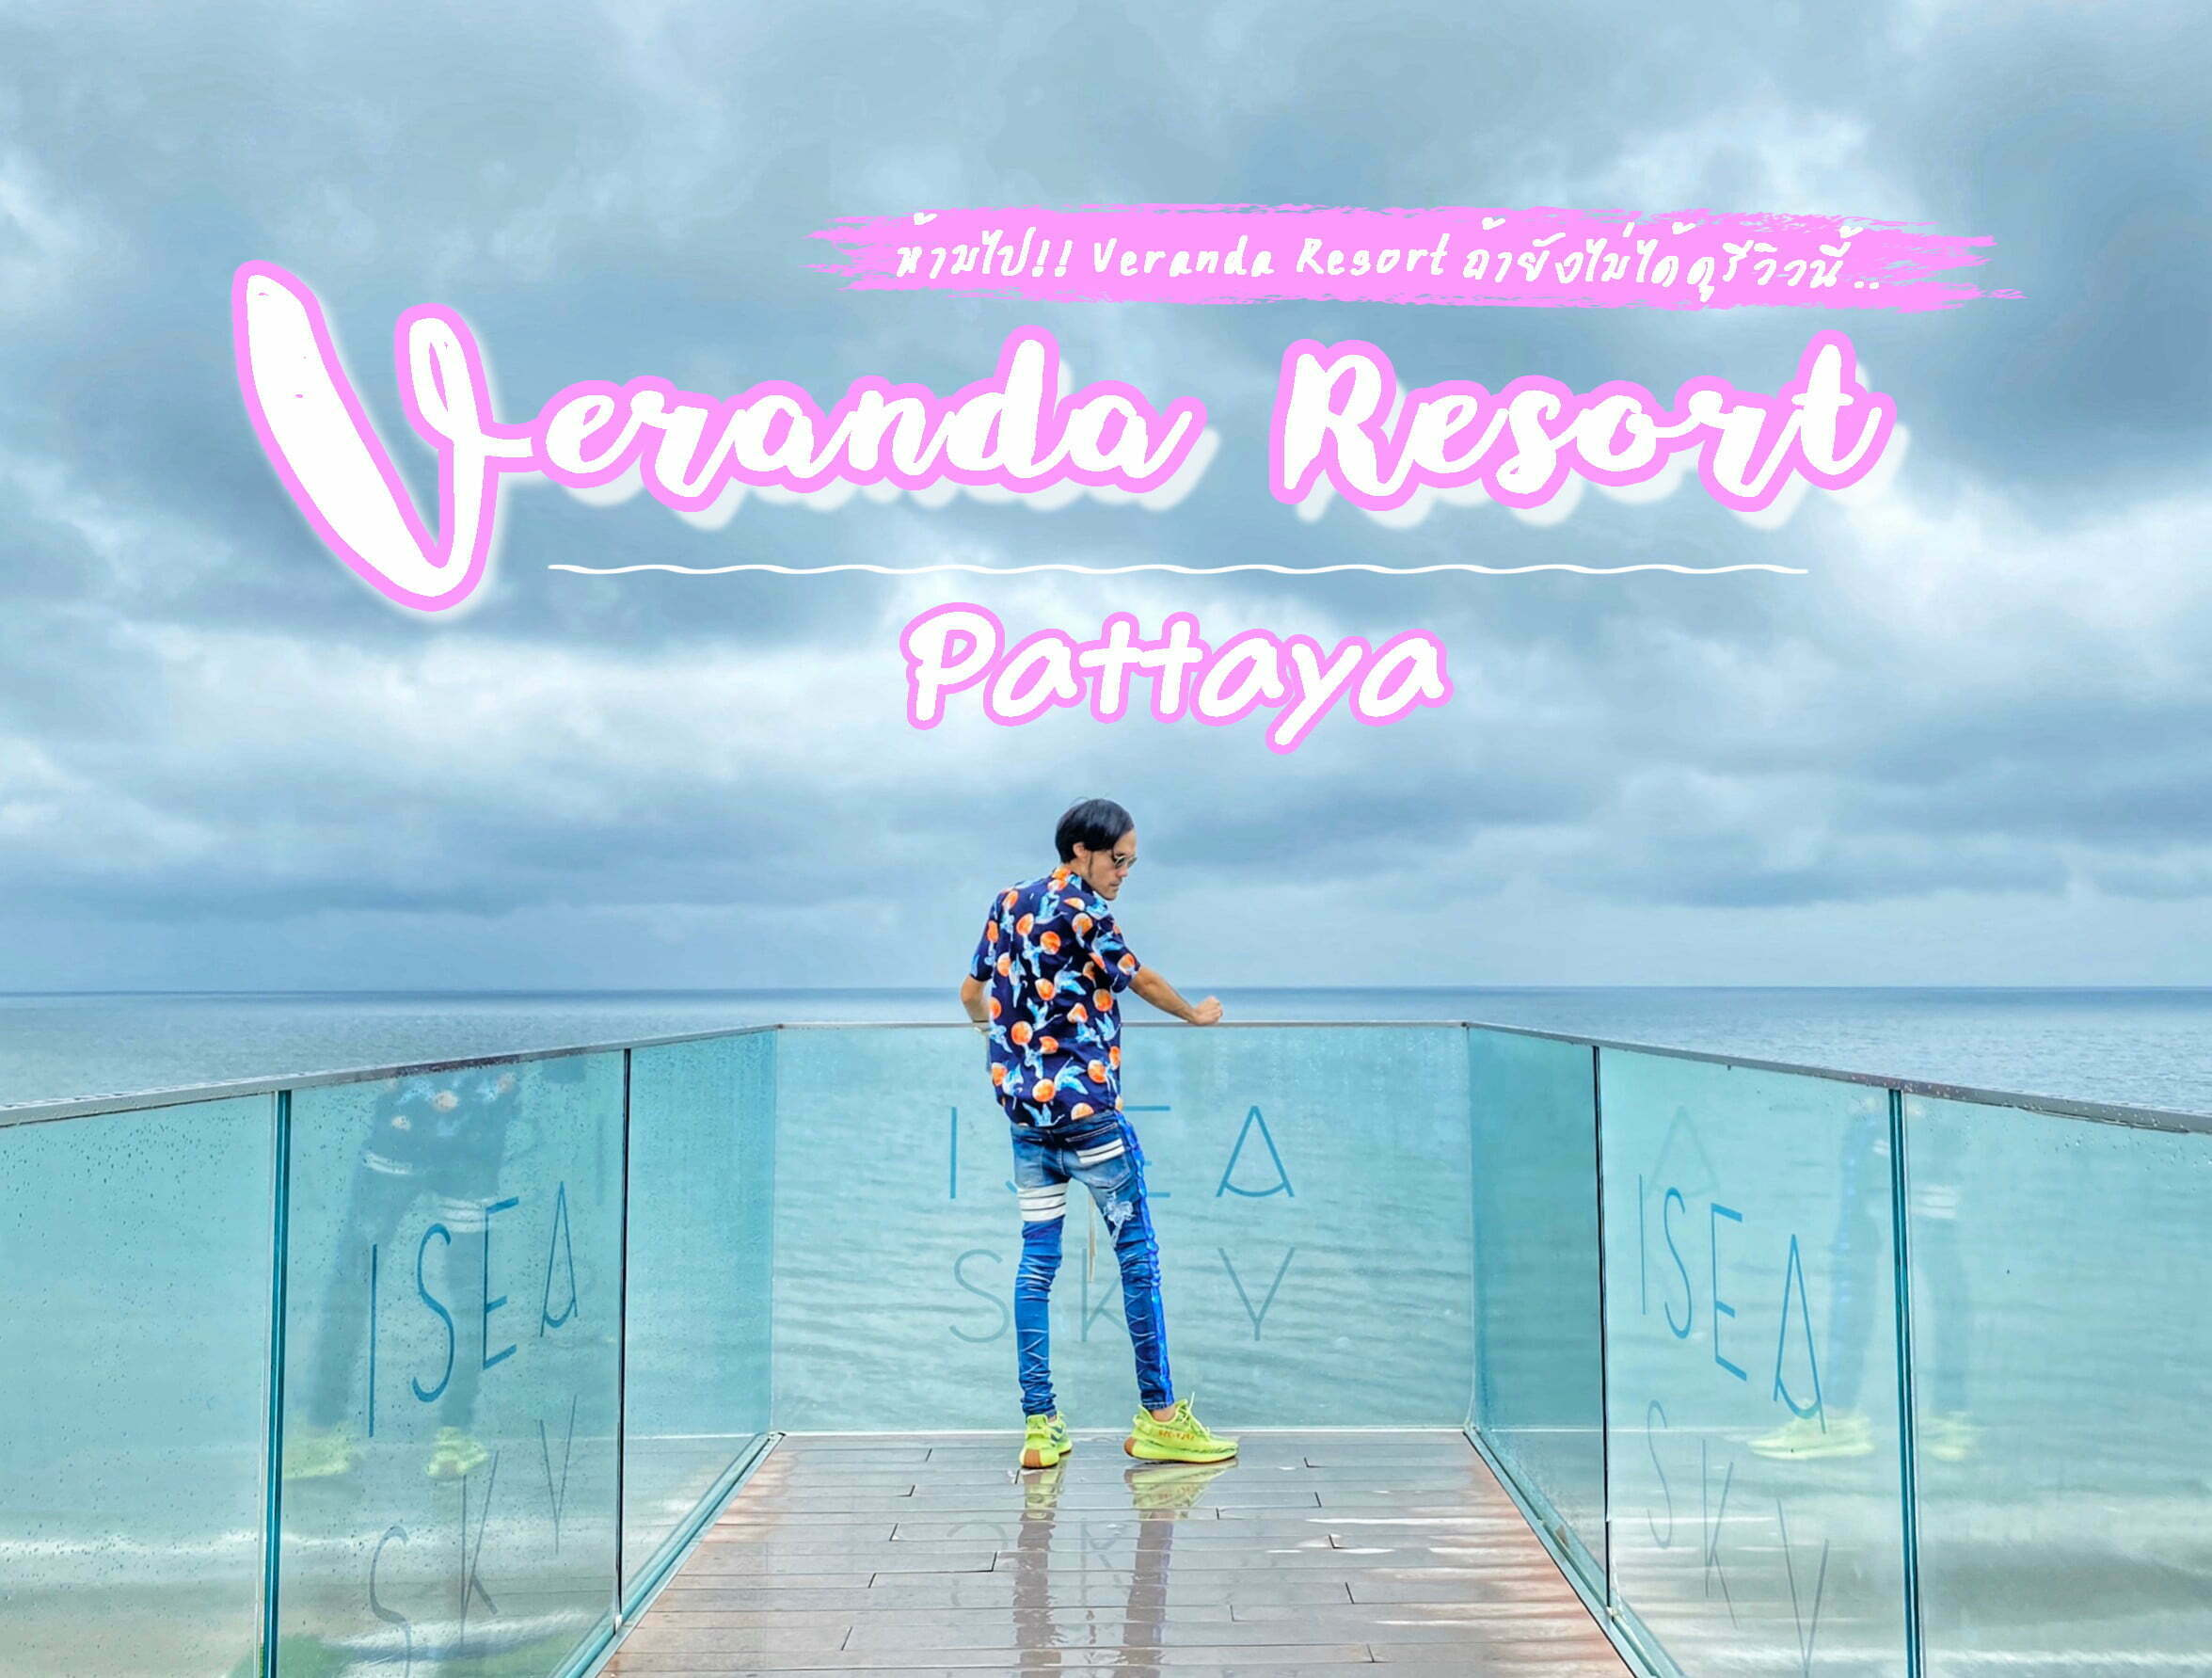 ห้ามไป!! Veranda Resort Pattaya ถ้ายังไม่ได้ดูรีวิวนี้.. เที่ยวพัทยา พักรีสอร์ทหรู